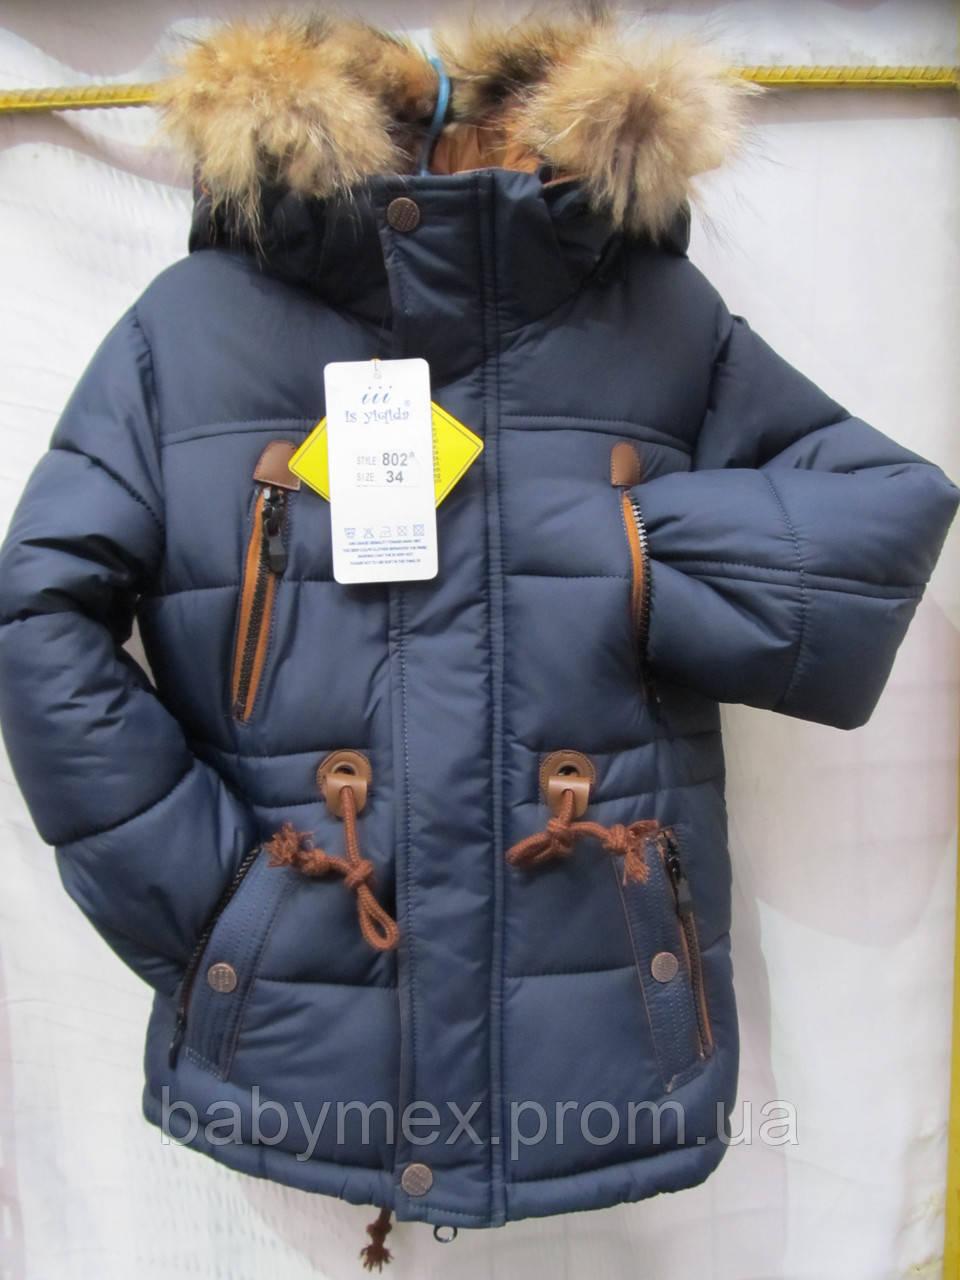 Детская куртка(парка) для мальчика  продажа 40bddee610163